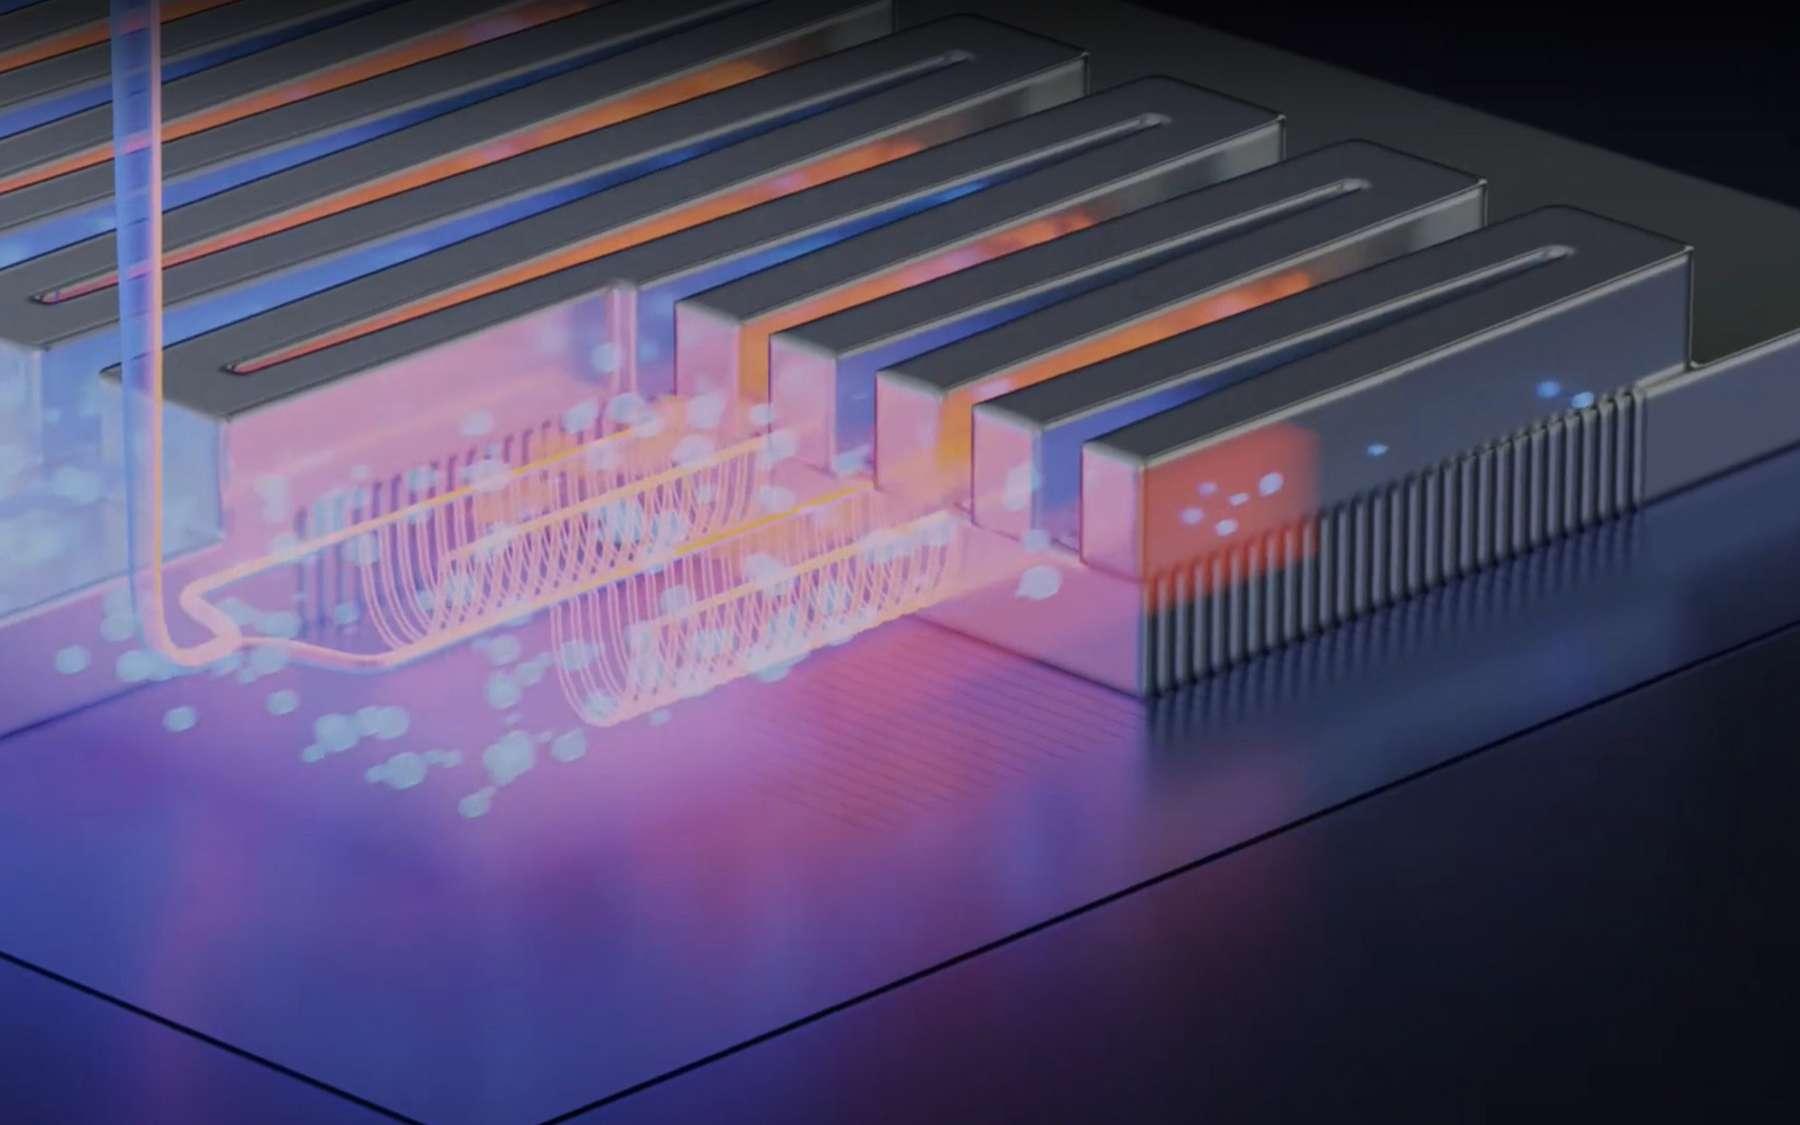 Un système de microcanaux est intégré avec la puce, et fait office de système de refroidissement. © POWERLab